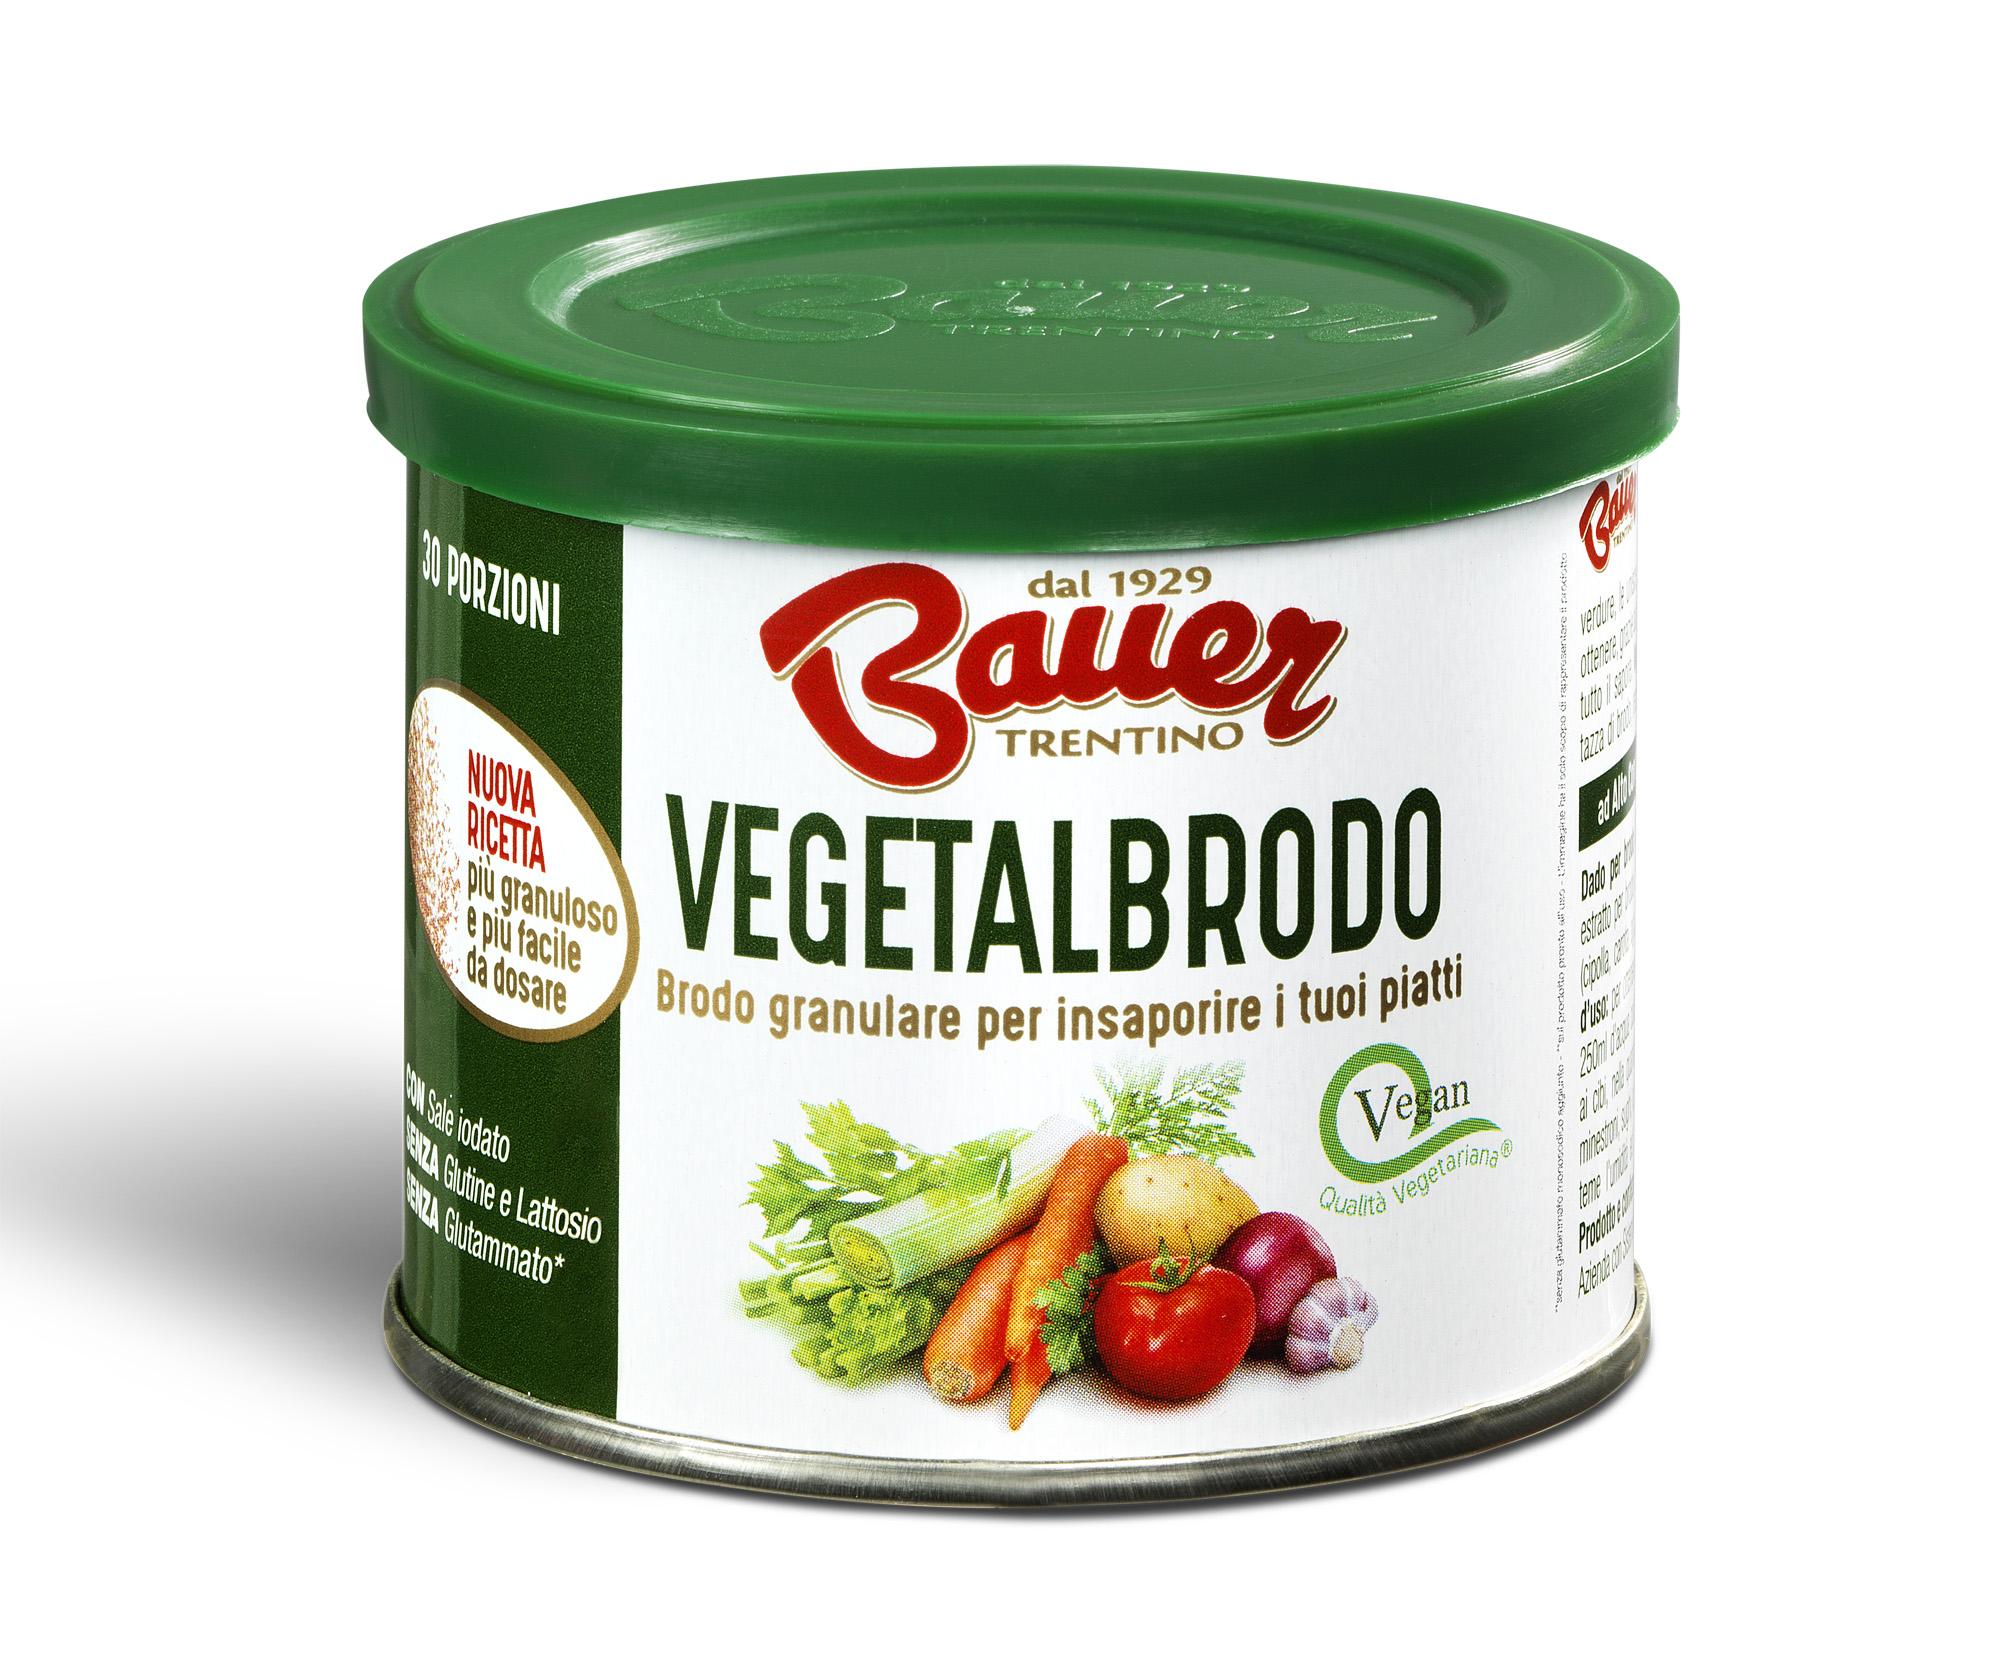 Granulare Vegetalbrodo Bauer: tutto ciò che serve per un brodo di coccole